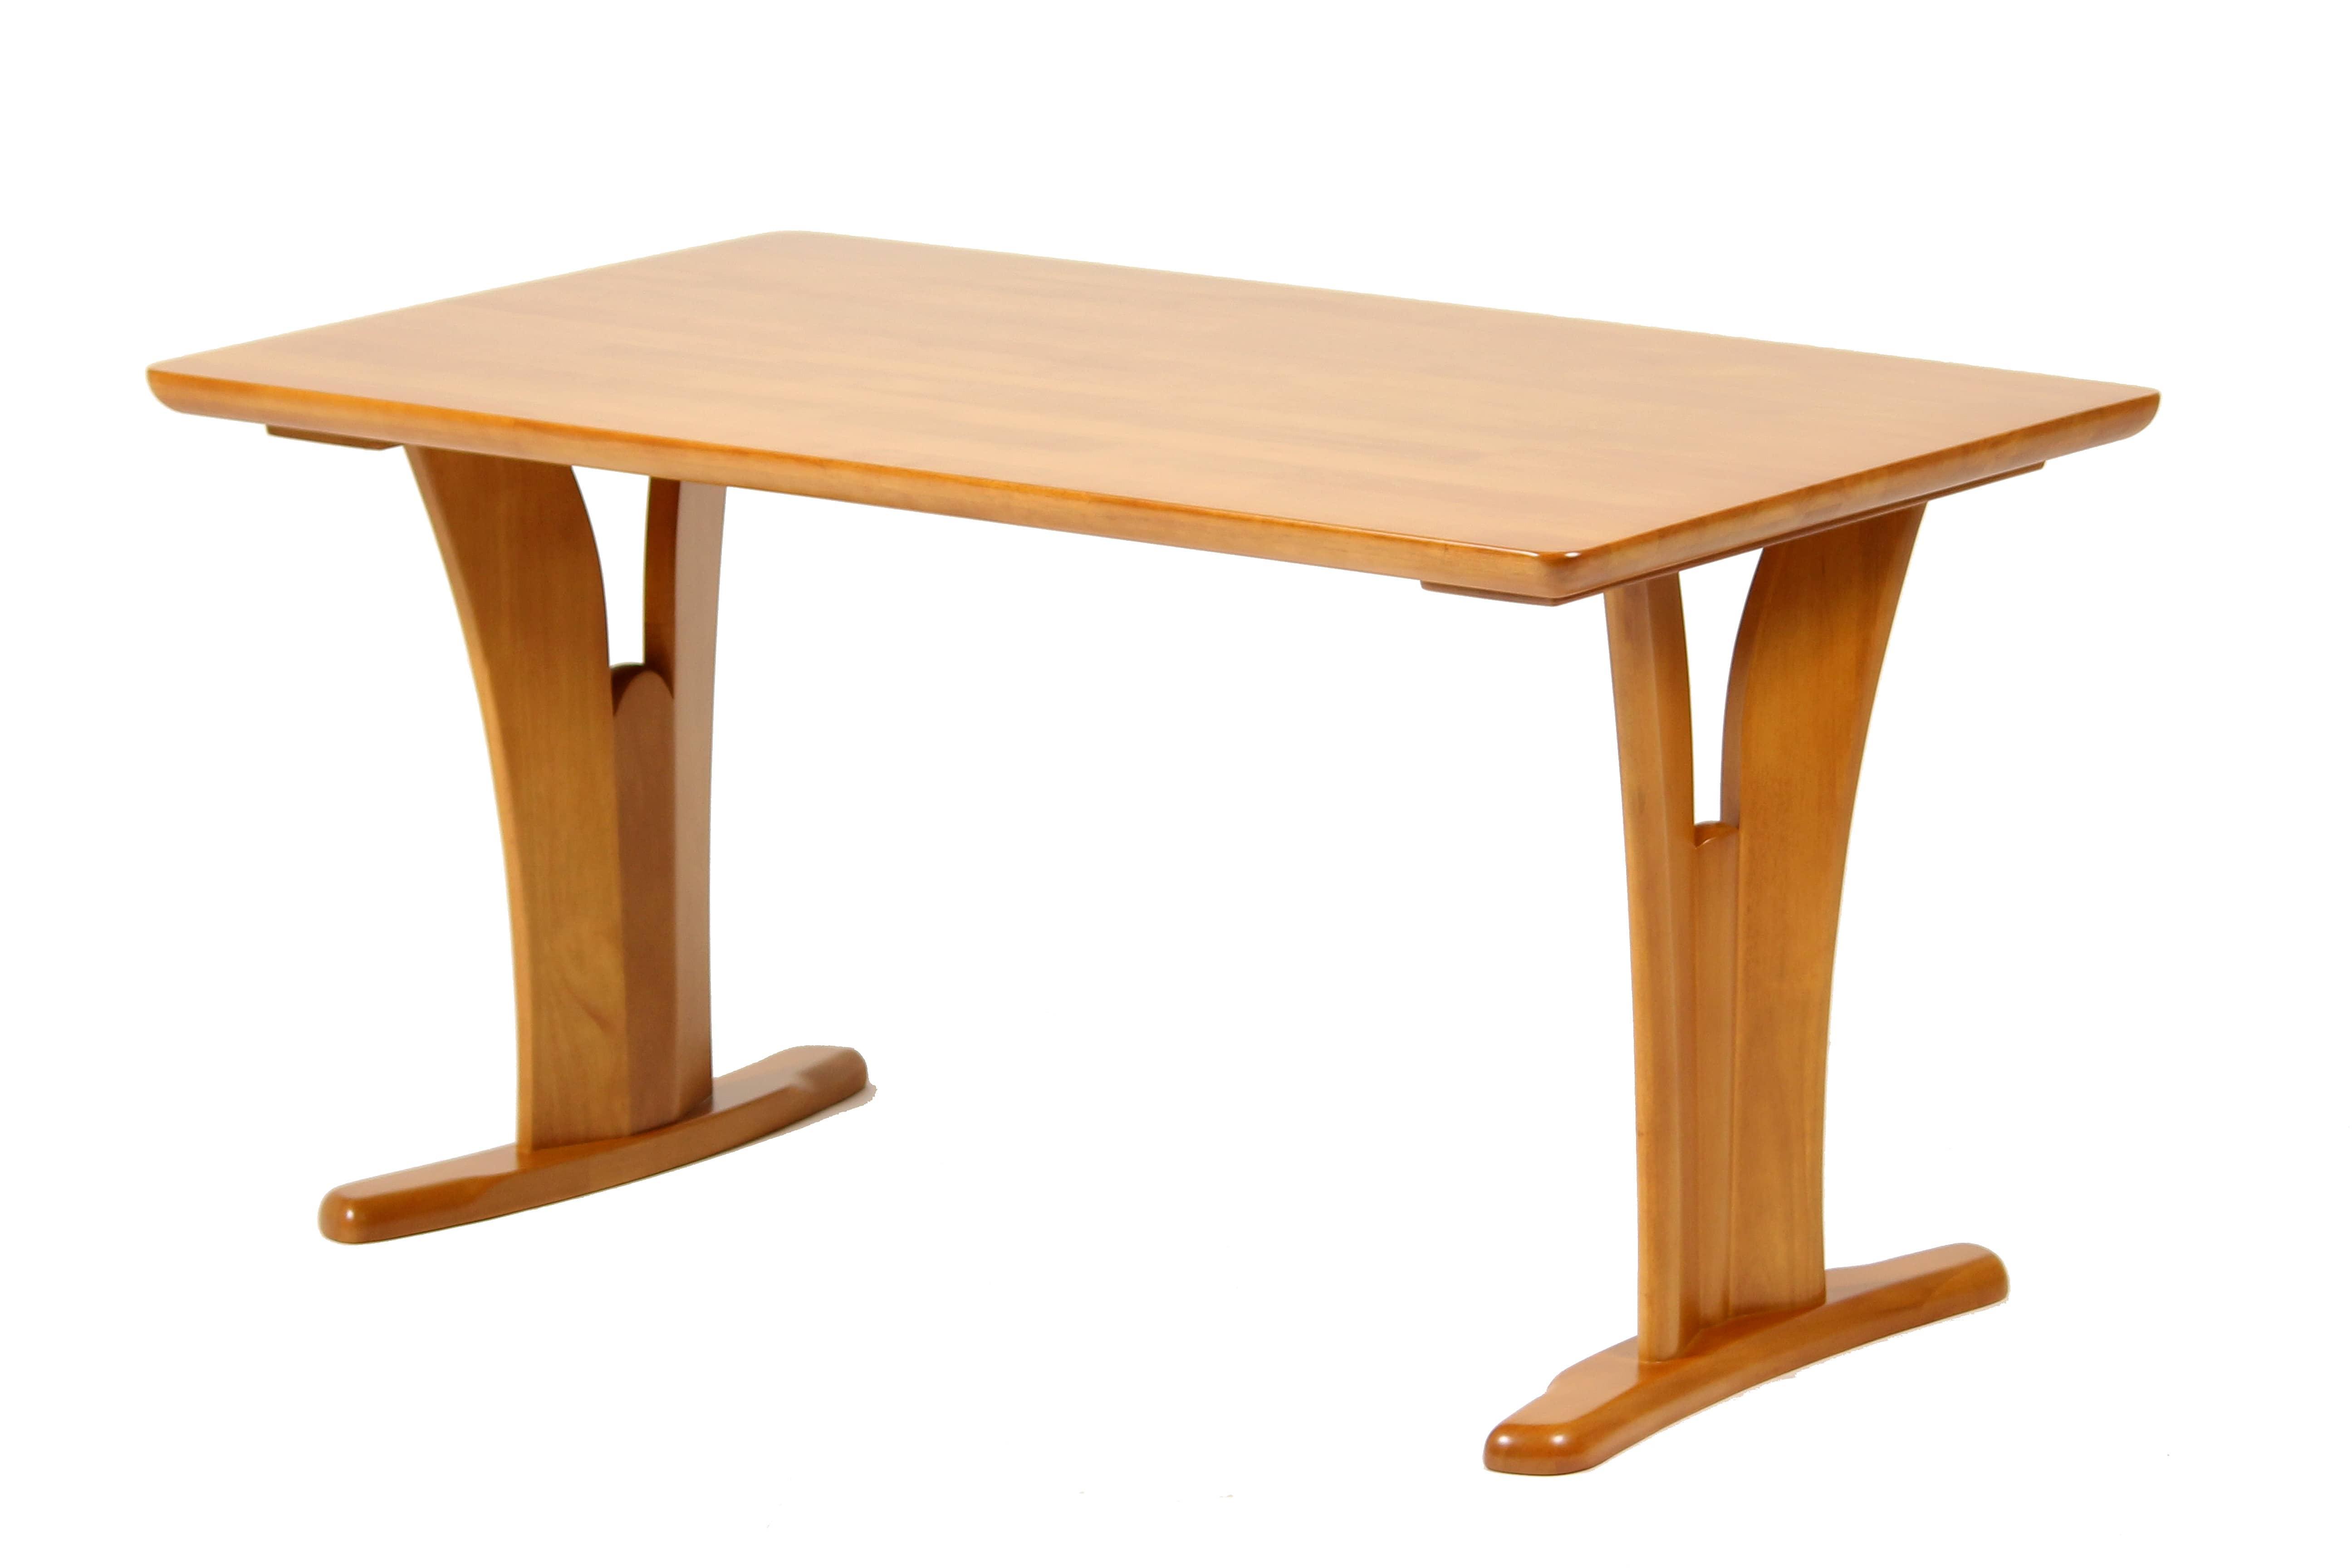 ダイニングテーブル SSC135ライトブラウン:ダイニングテーブル